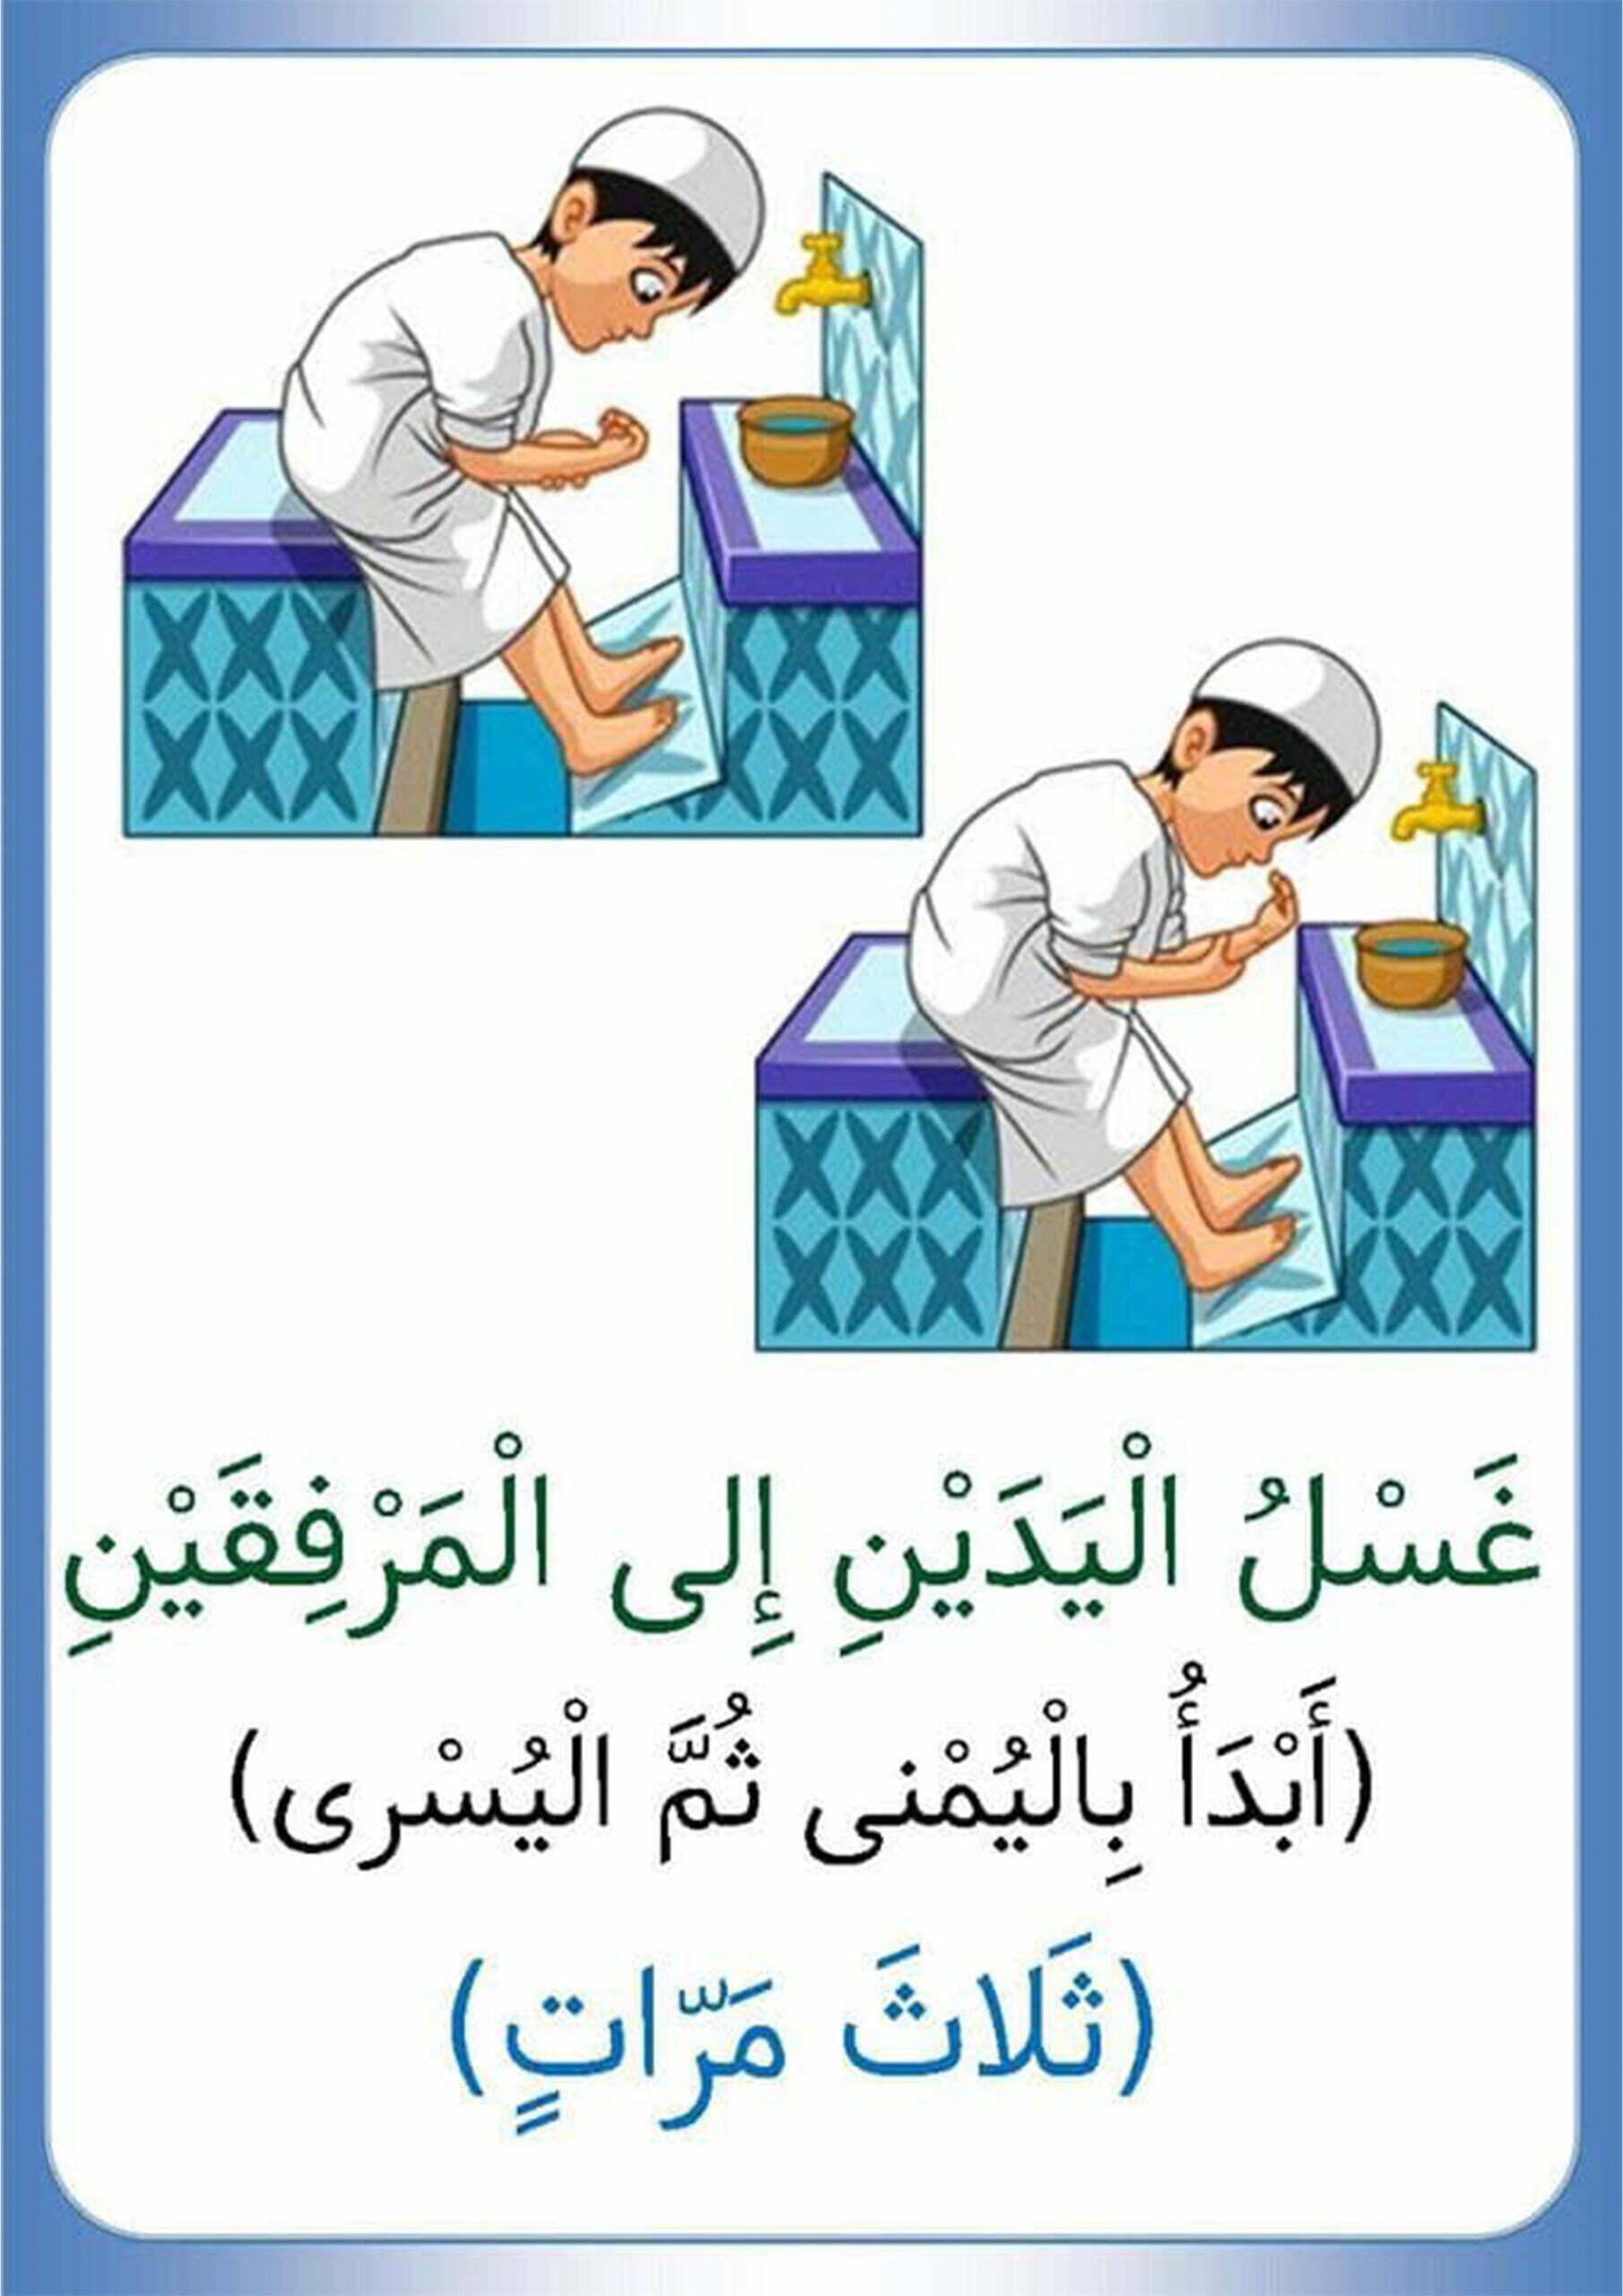 6-غسل اليدين الى المرفقين أبدأ باليمنى ثم اليسرى